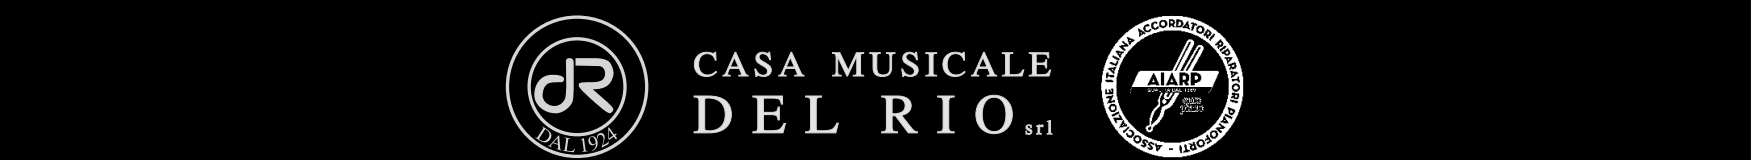 Casa musicale Del Rio